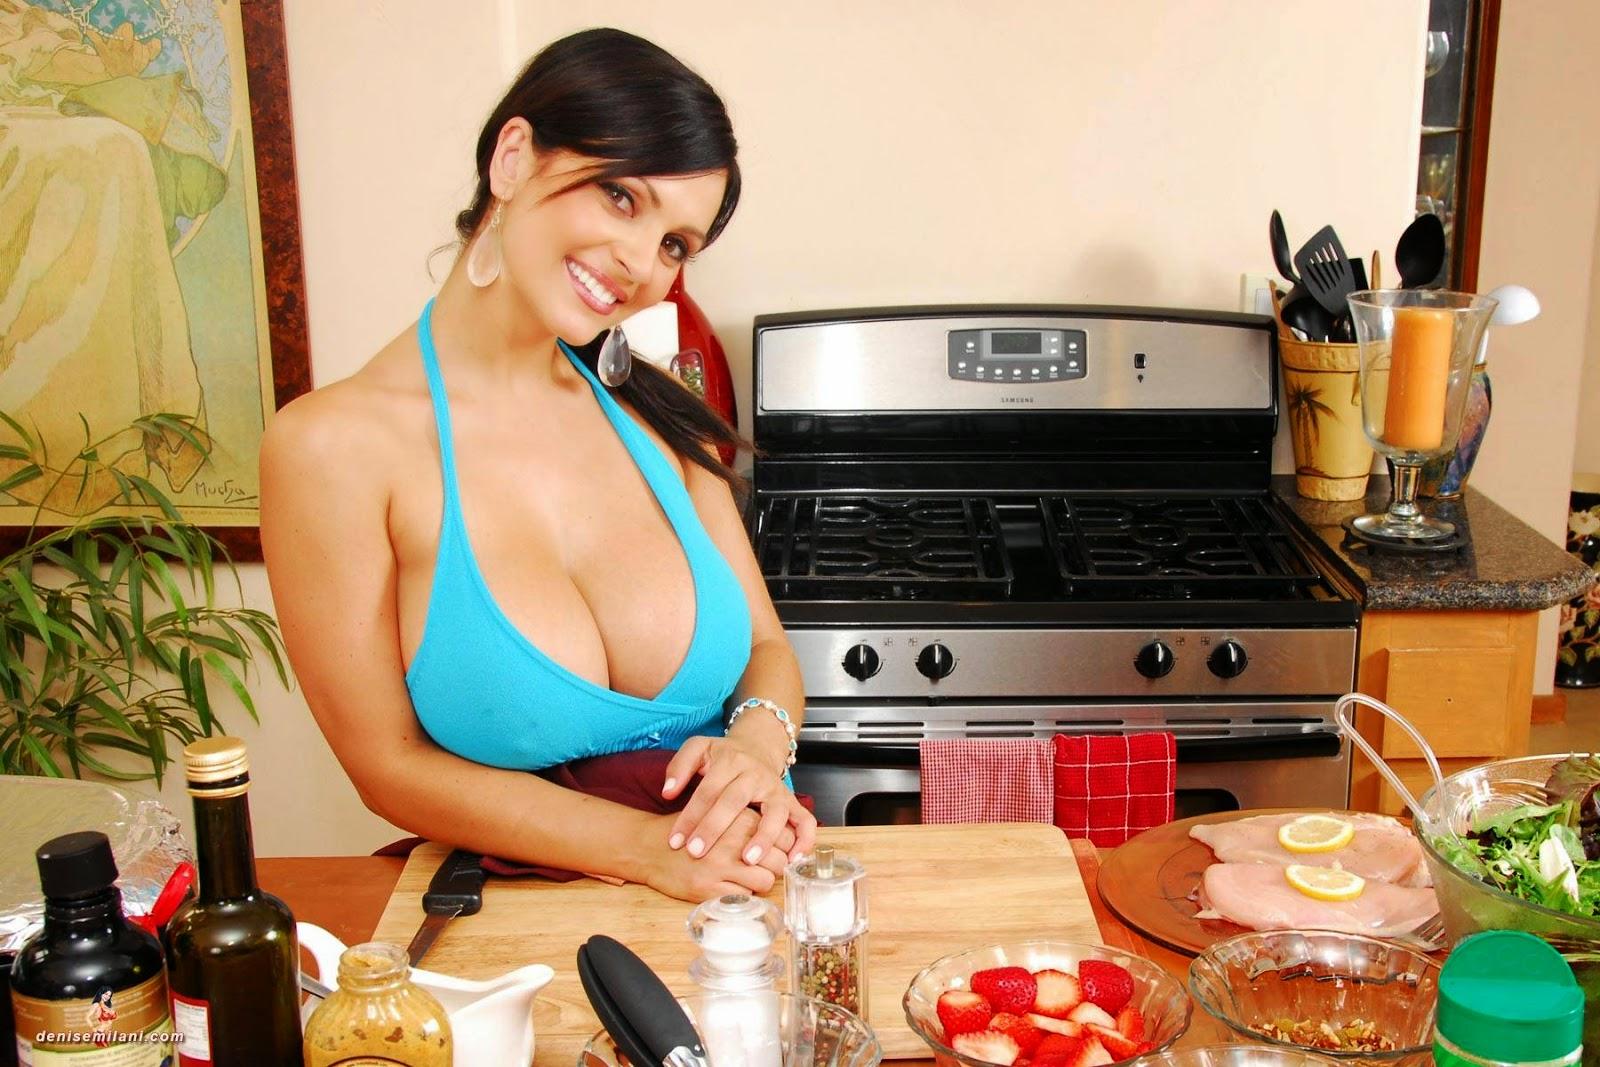 Смотреть порно как сосут молоко из груди способ завязать